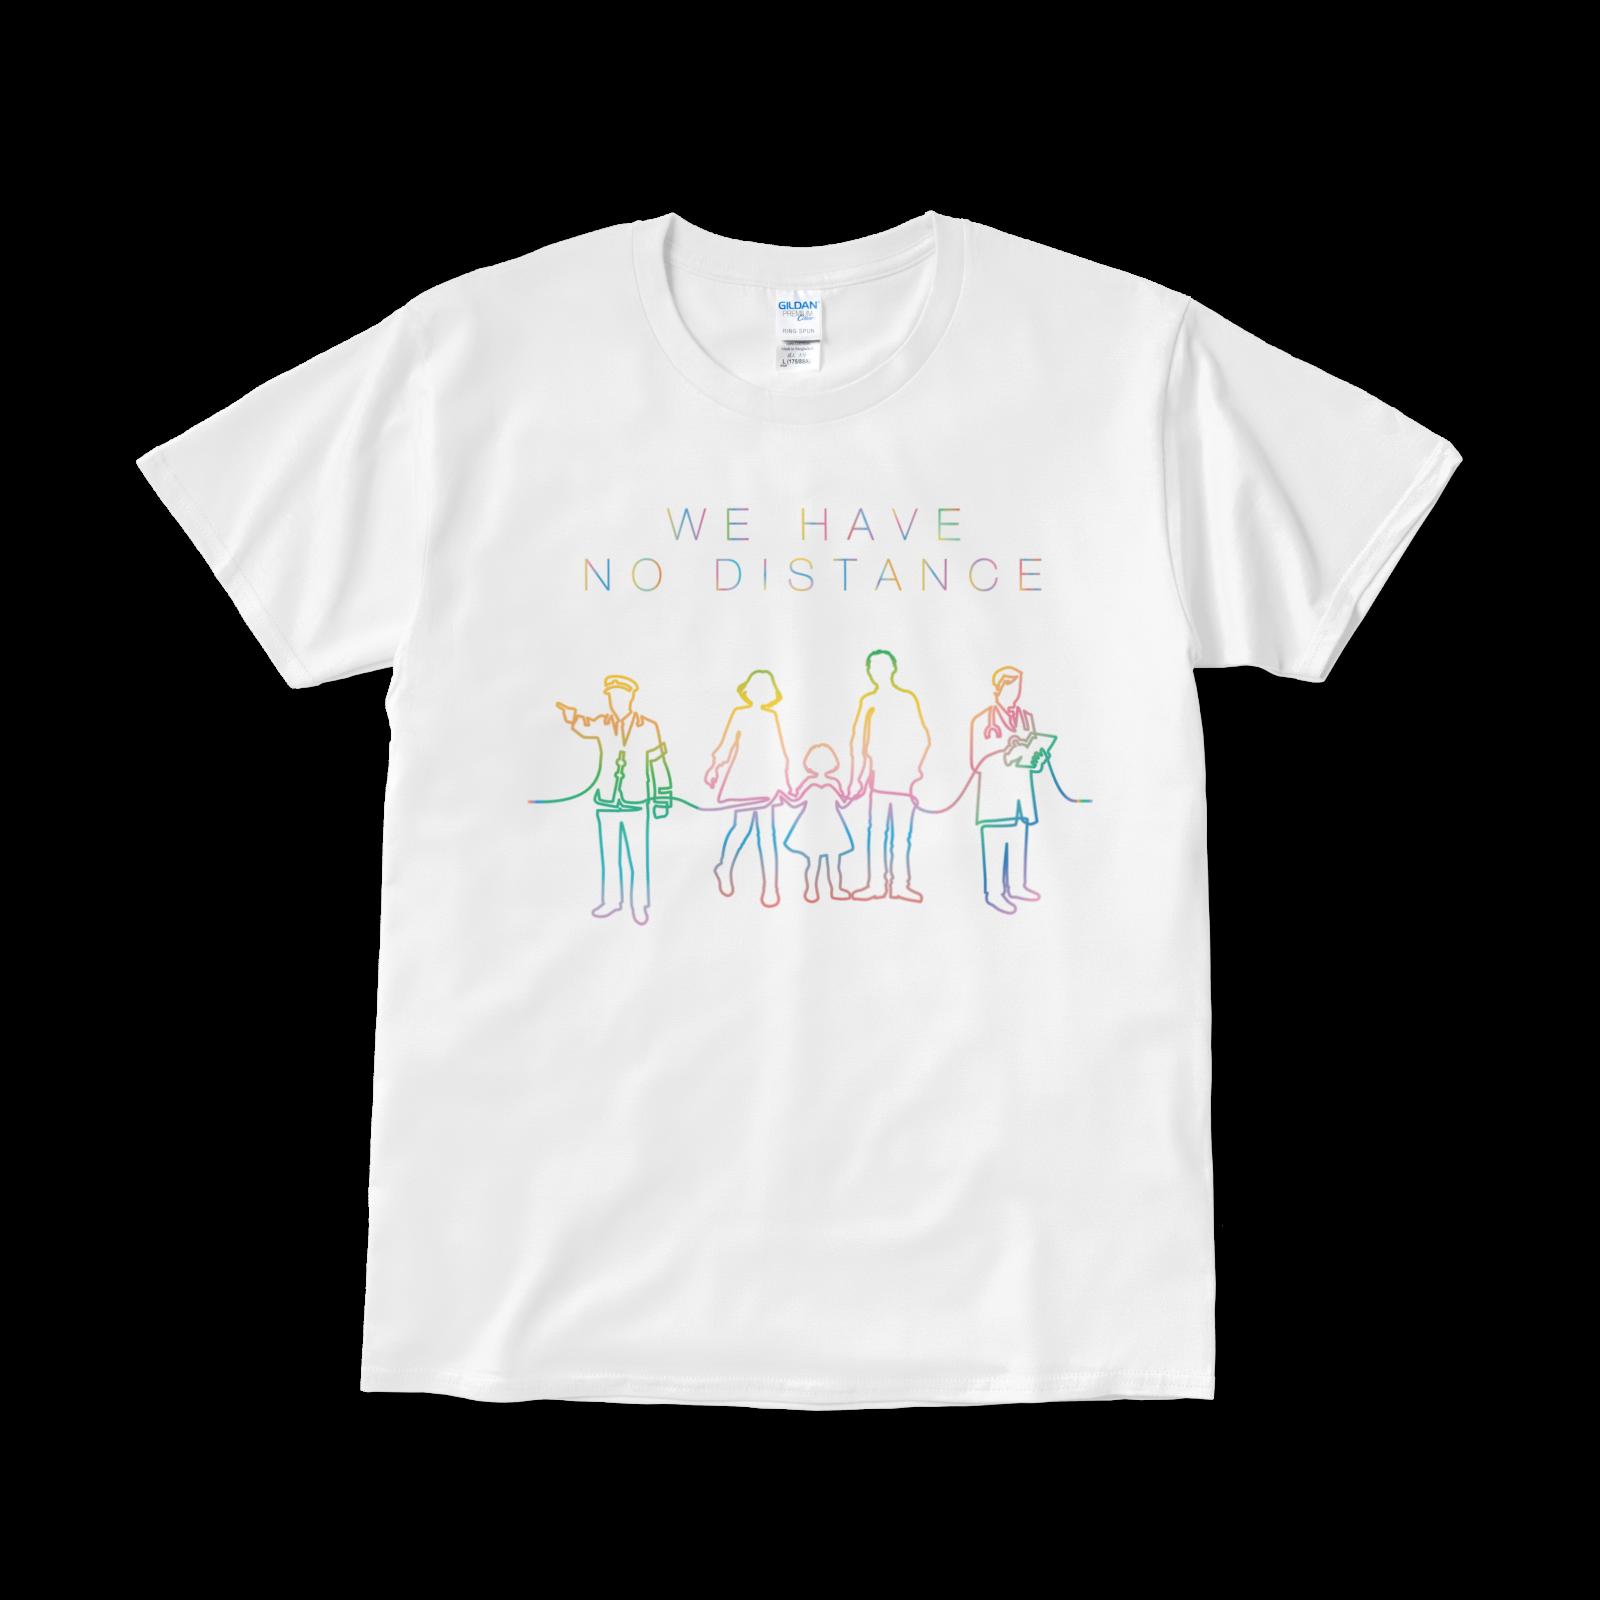 【再会を誓うTシャツ】「WE HAVE NO DISTANCE」タイプ004(送料無料)